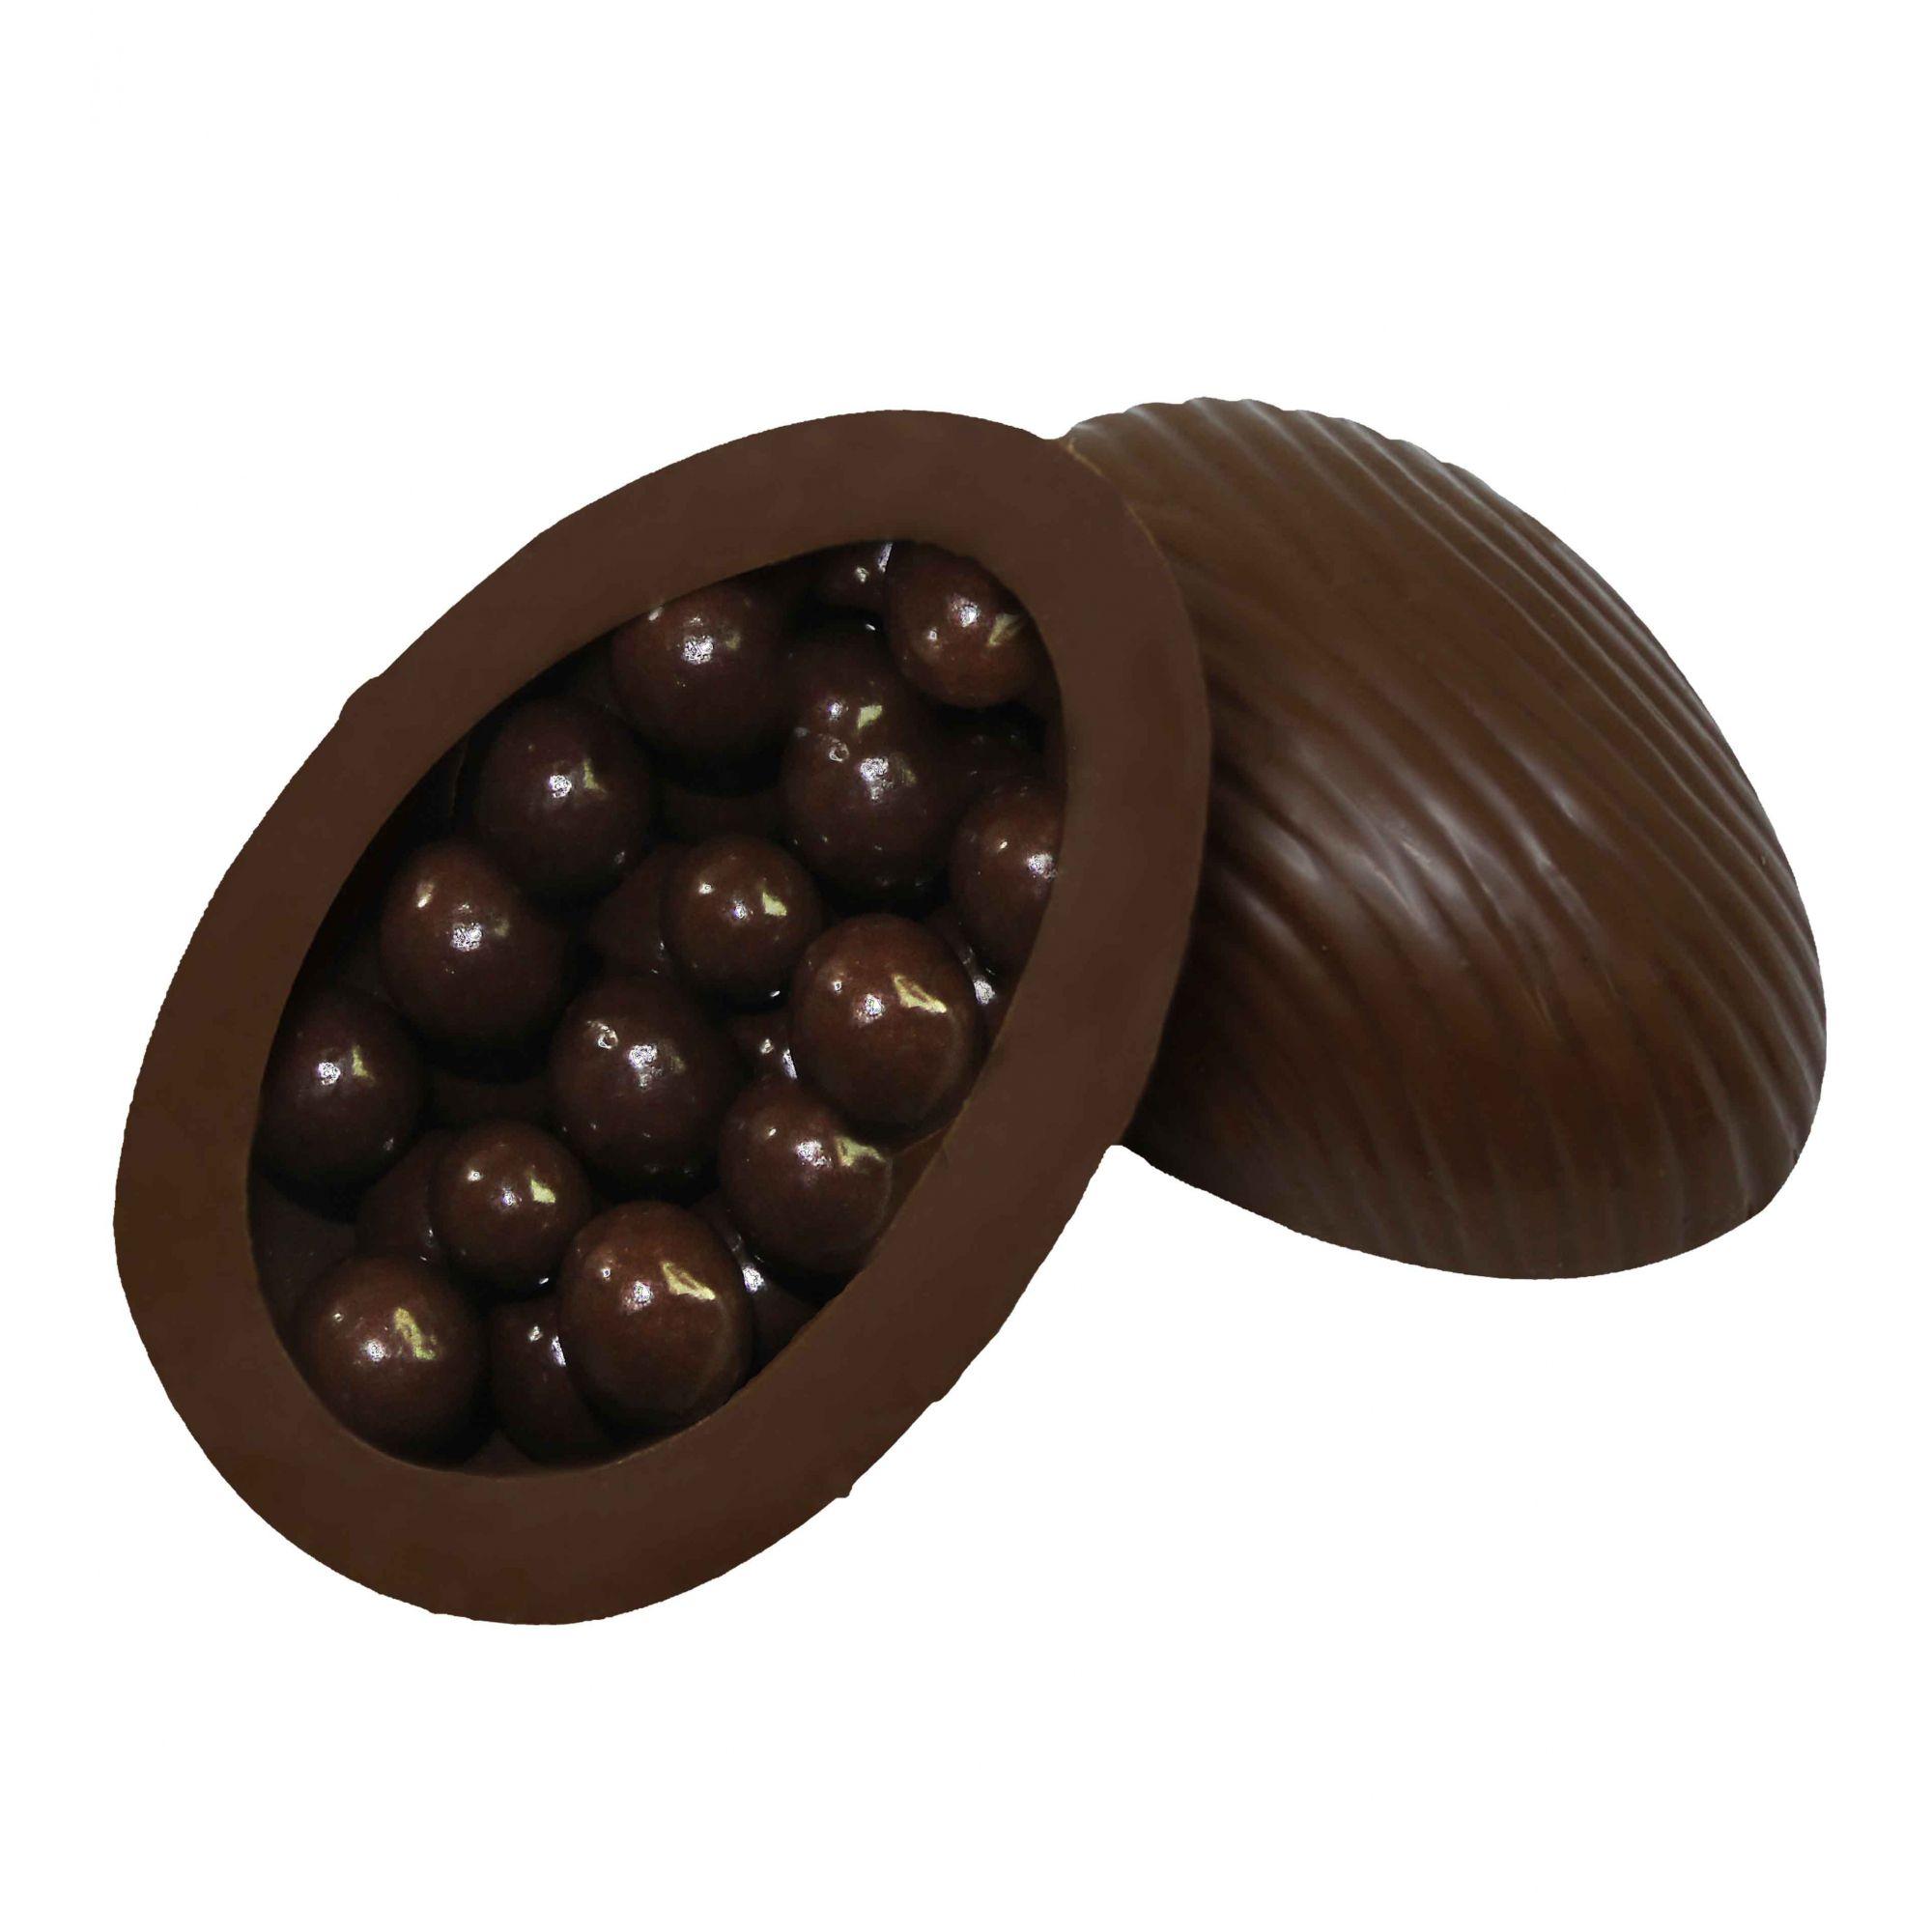 Ovo de Páscoa Chocolate ao Leite 120gr Unidade Borússia Chocolates